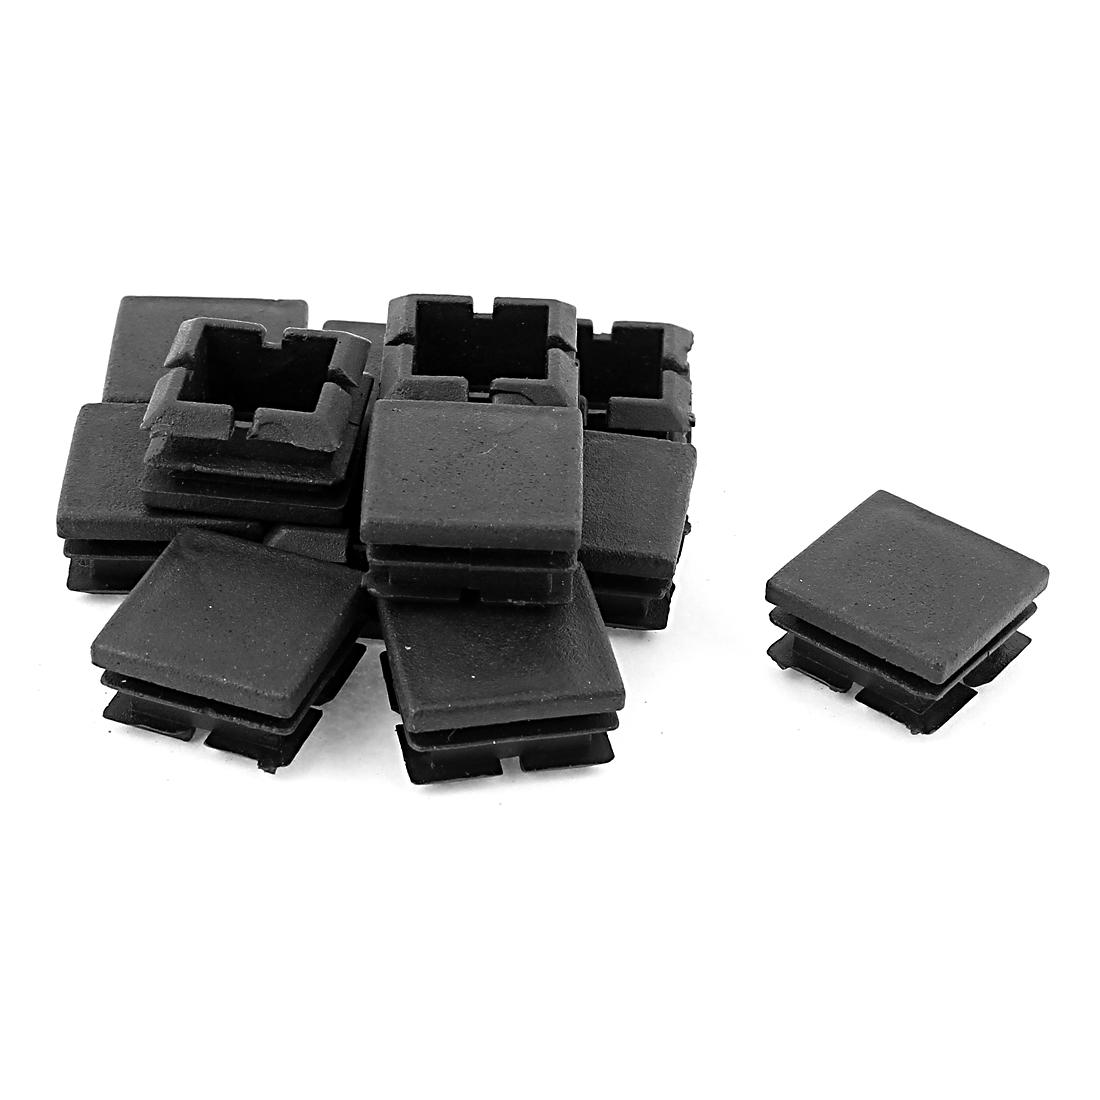 12 Pcs Black Plastic 25x25mm Pipe Blacking End Caps Tubing Insert Square